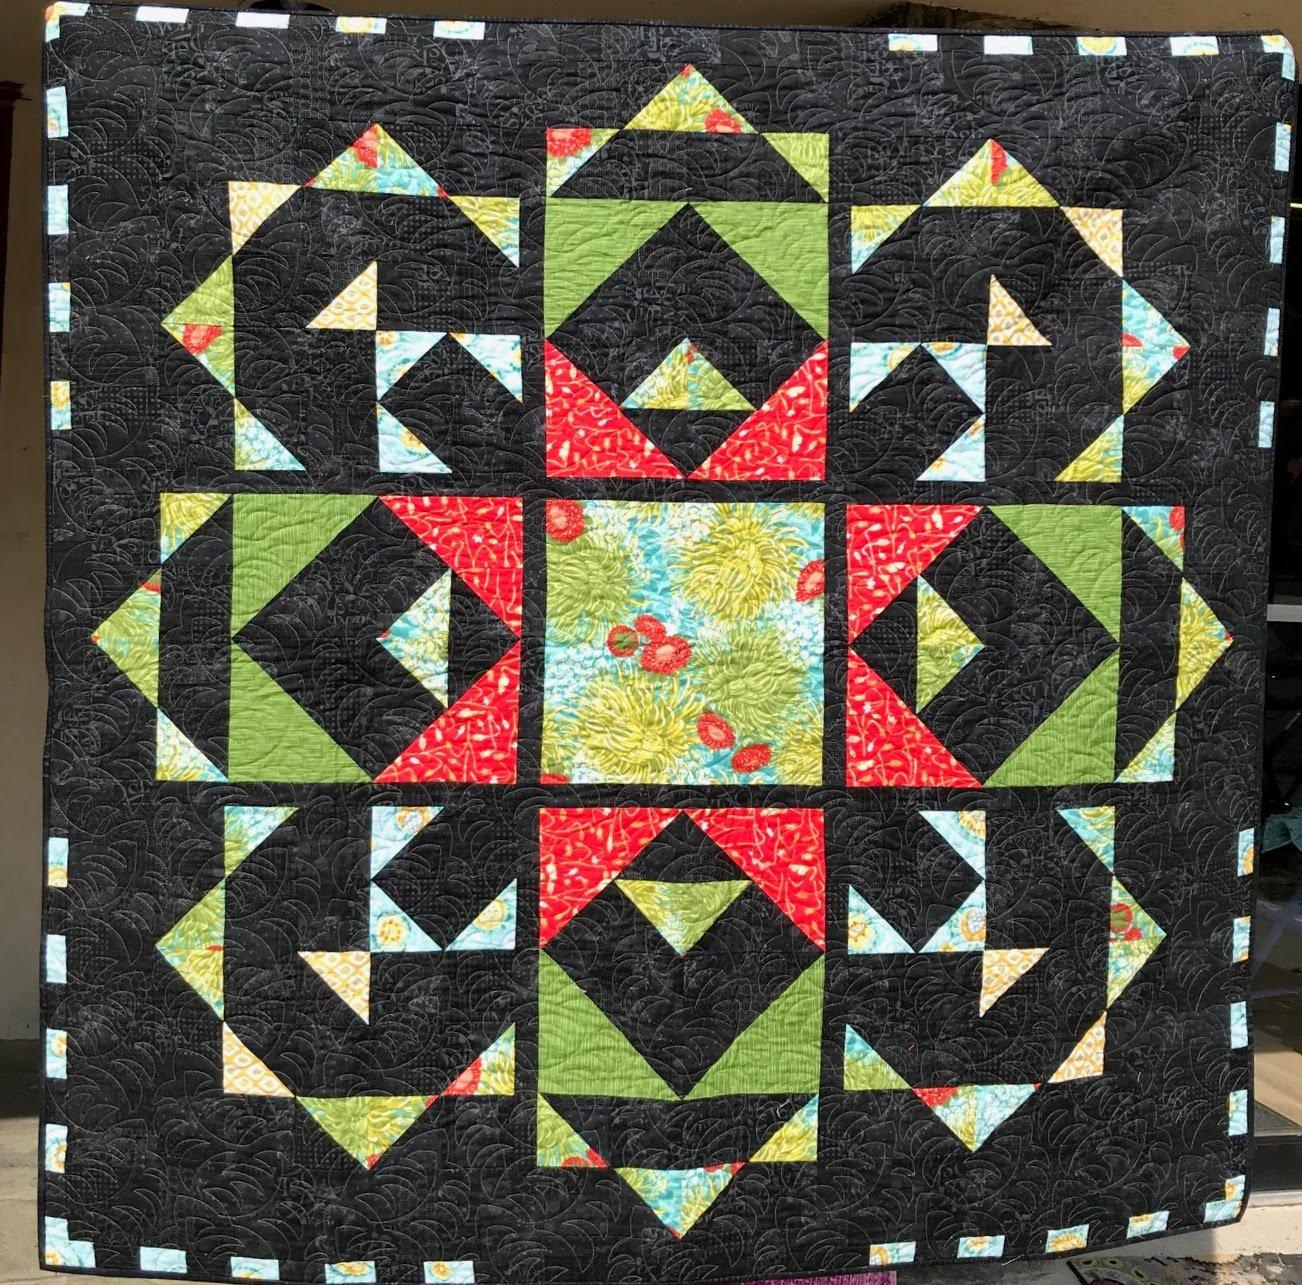 Garden Square Quilt Kit